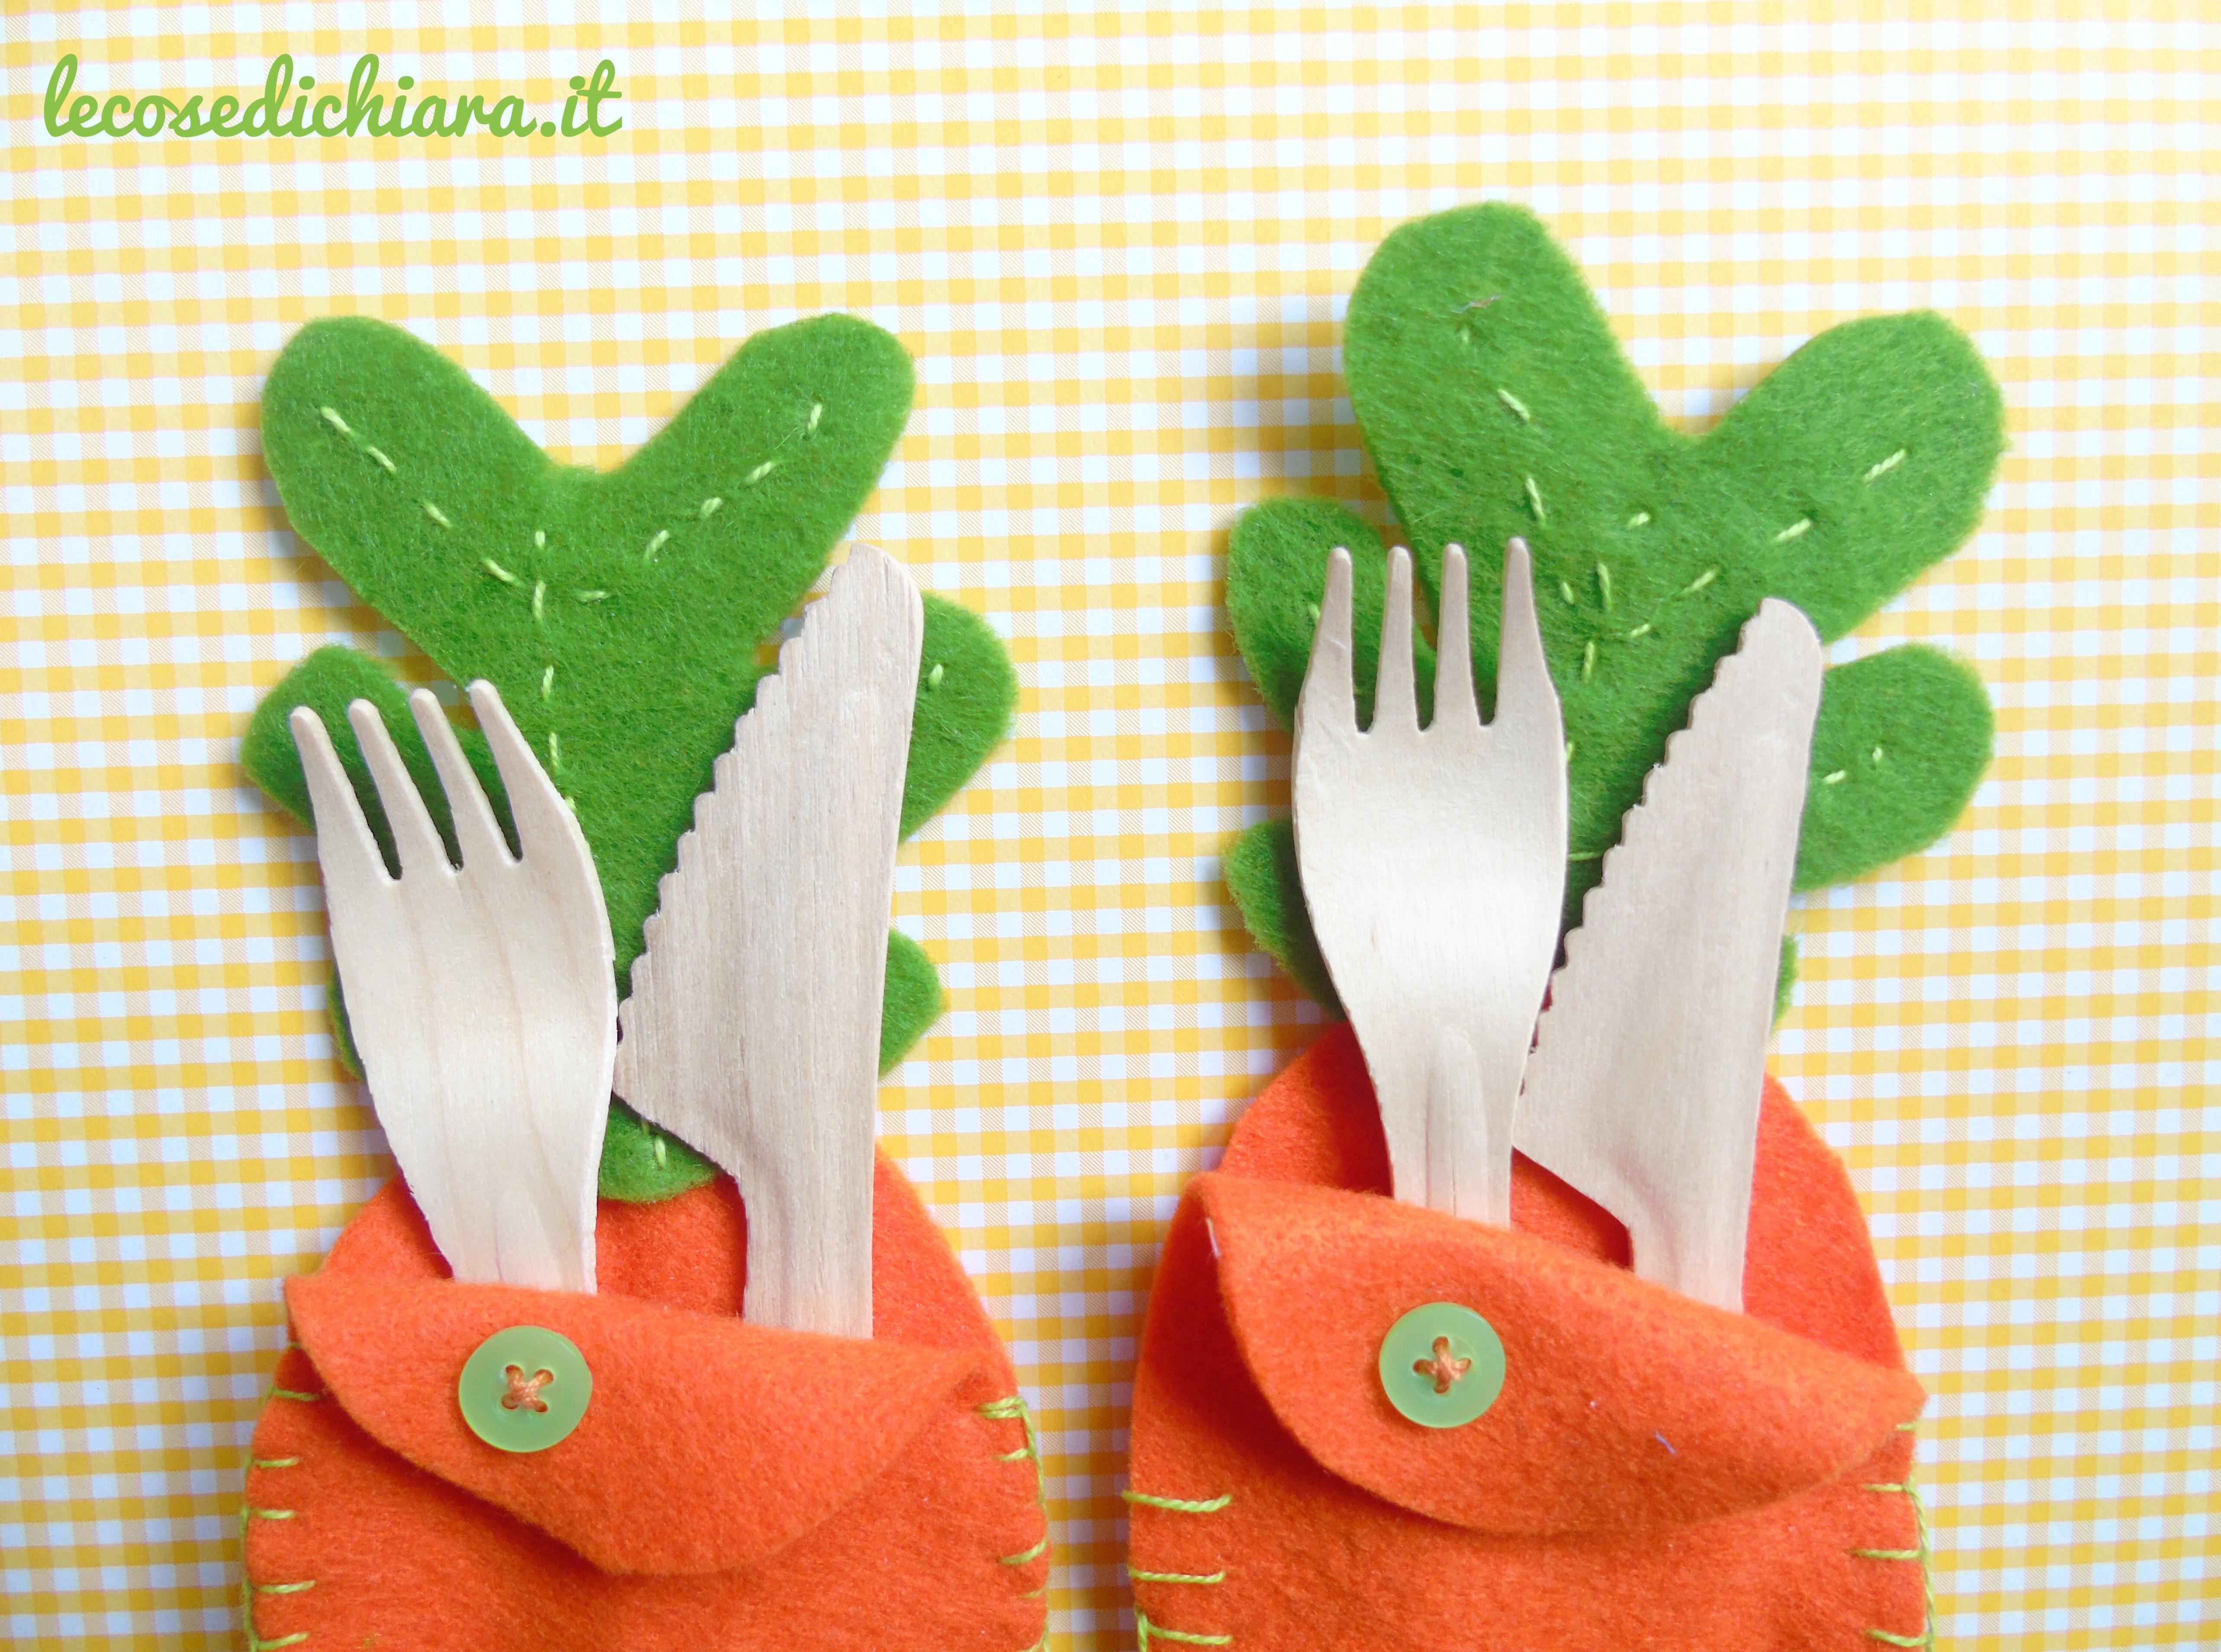 foto-orizzontale-1-carote-per-pasqua-lecosedichiara-chiara-zenga